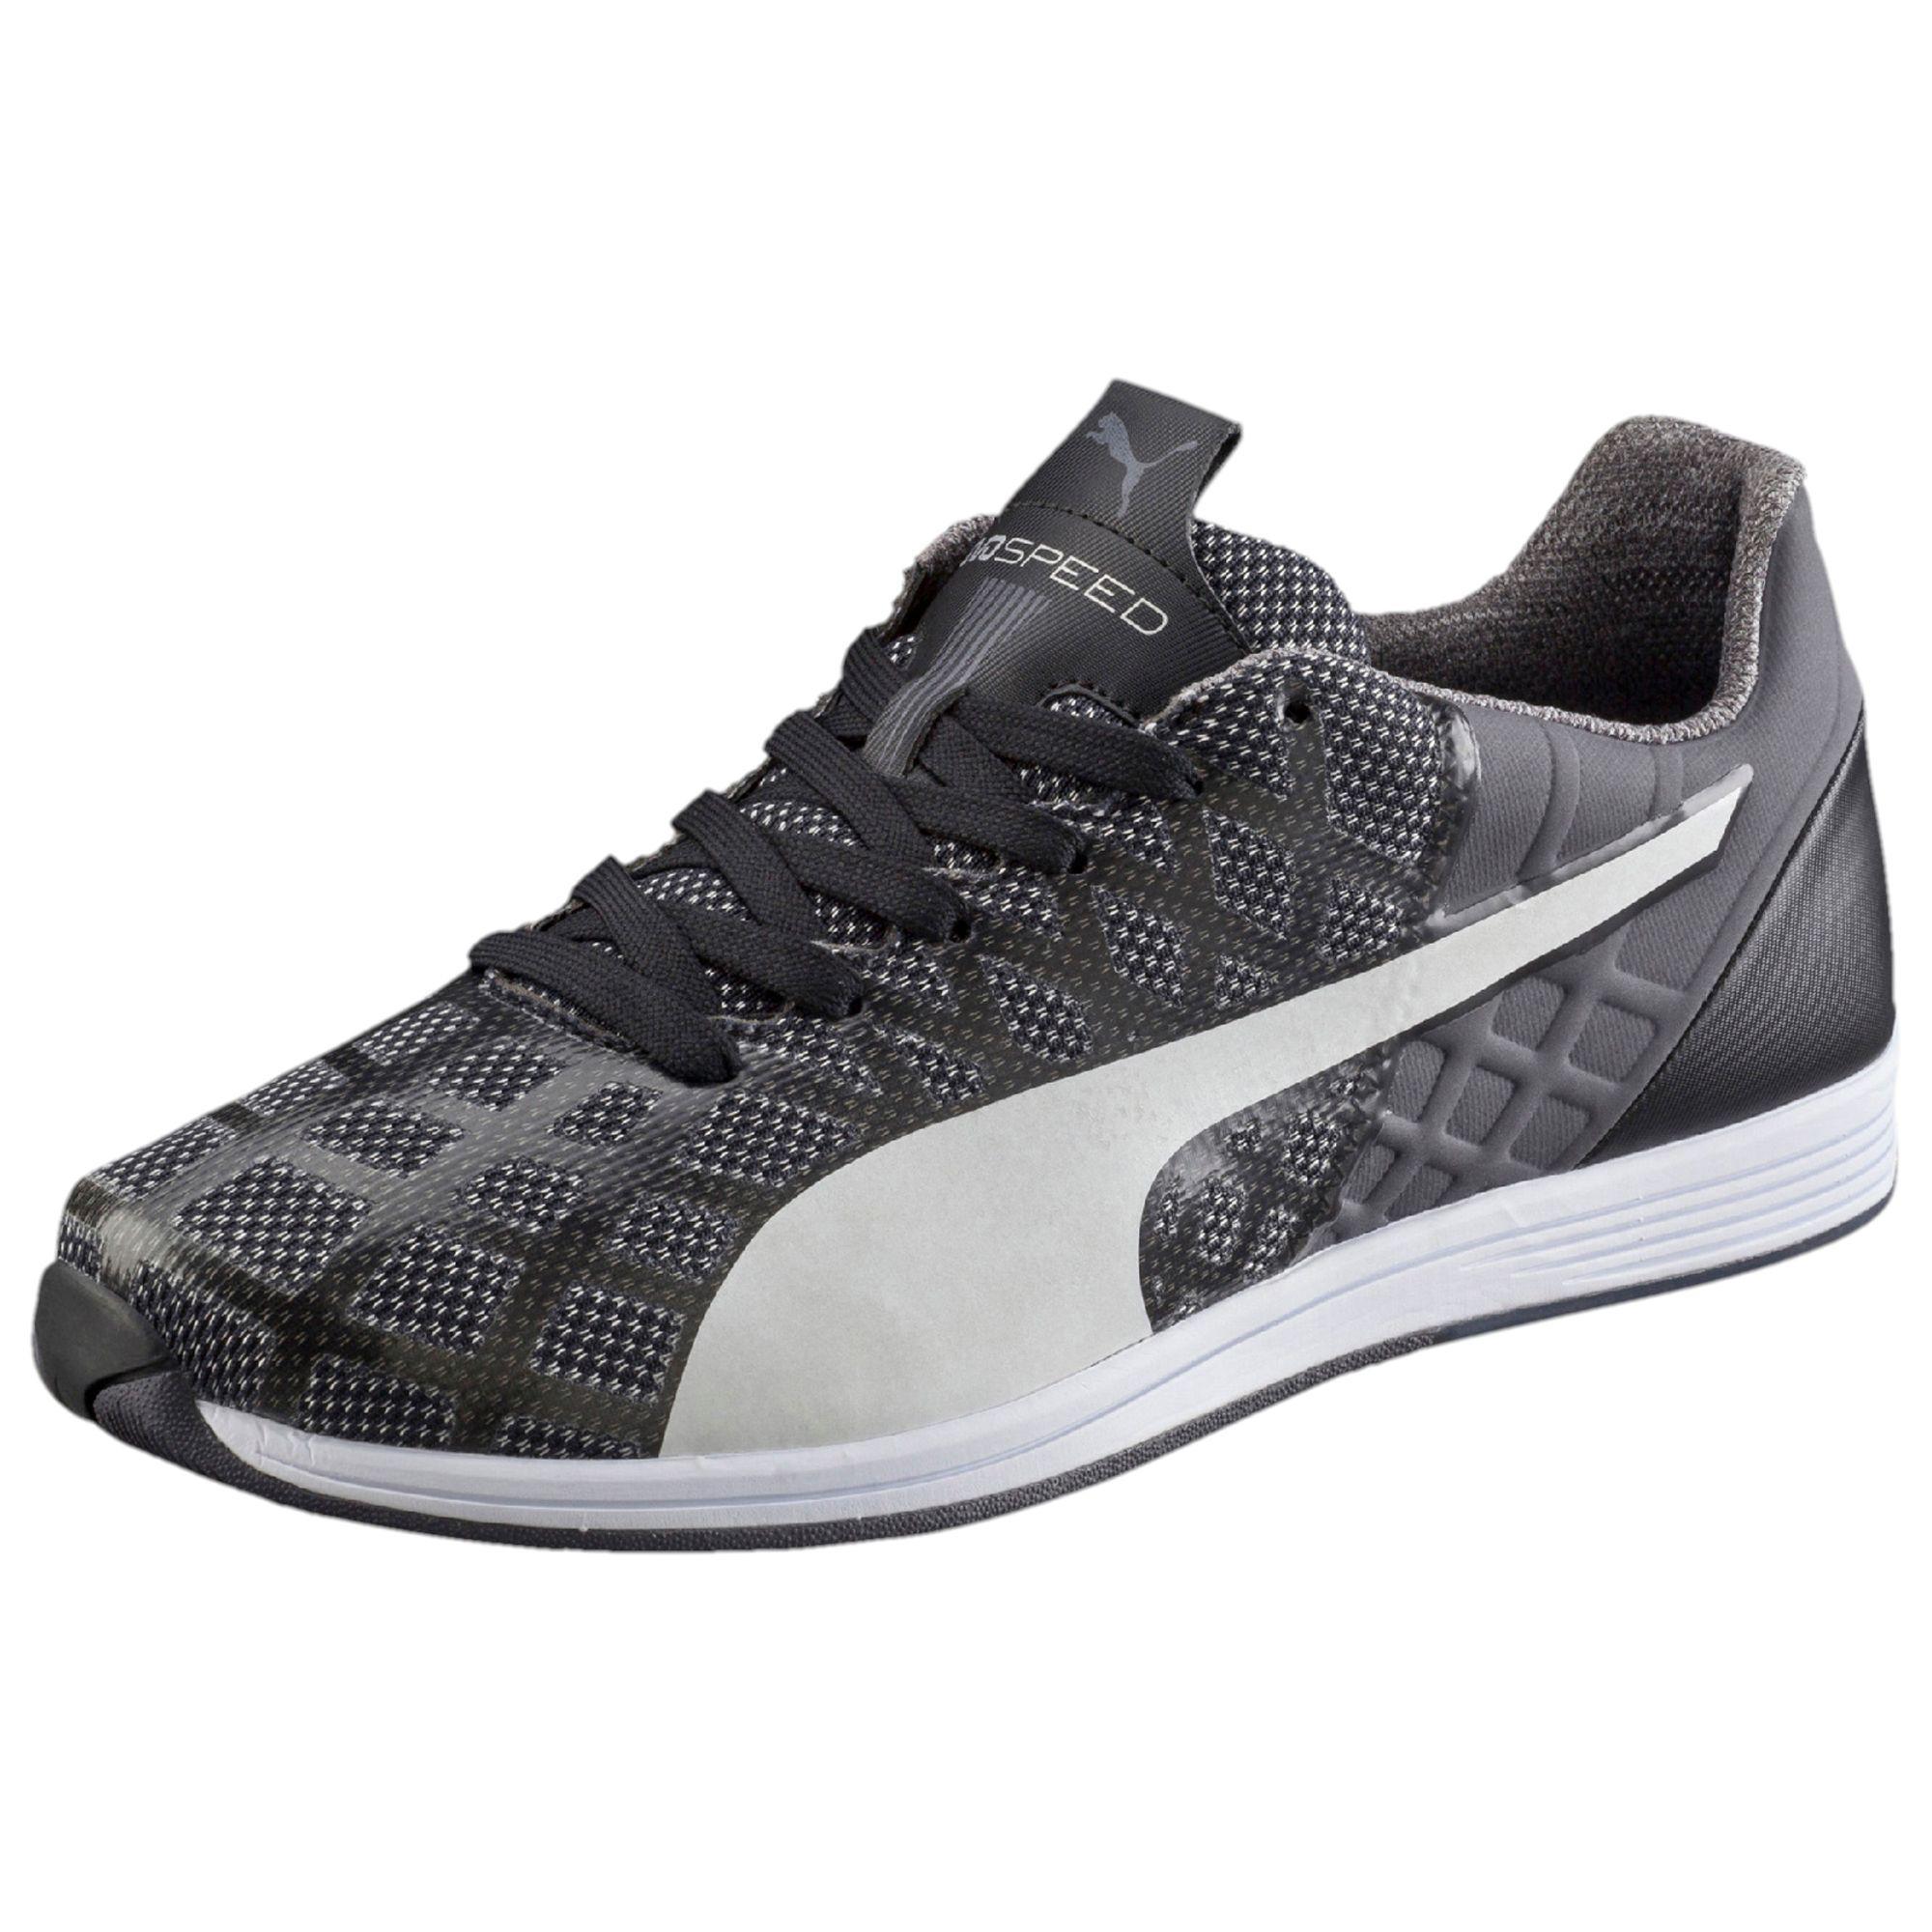 9ed97c006c73 Lyst - PUMA Evospeed 1.4 Nightcat Men s Shoes in Black for Men